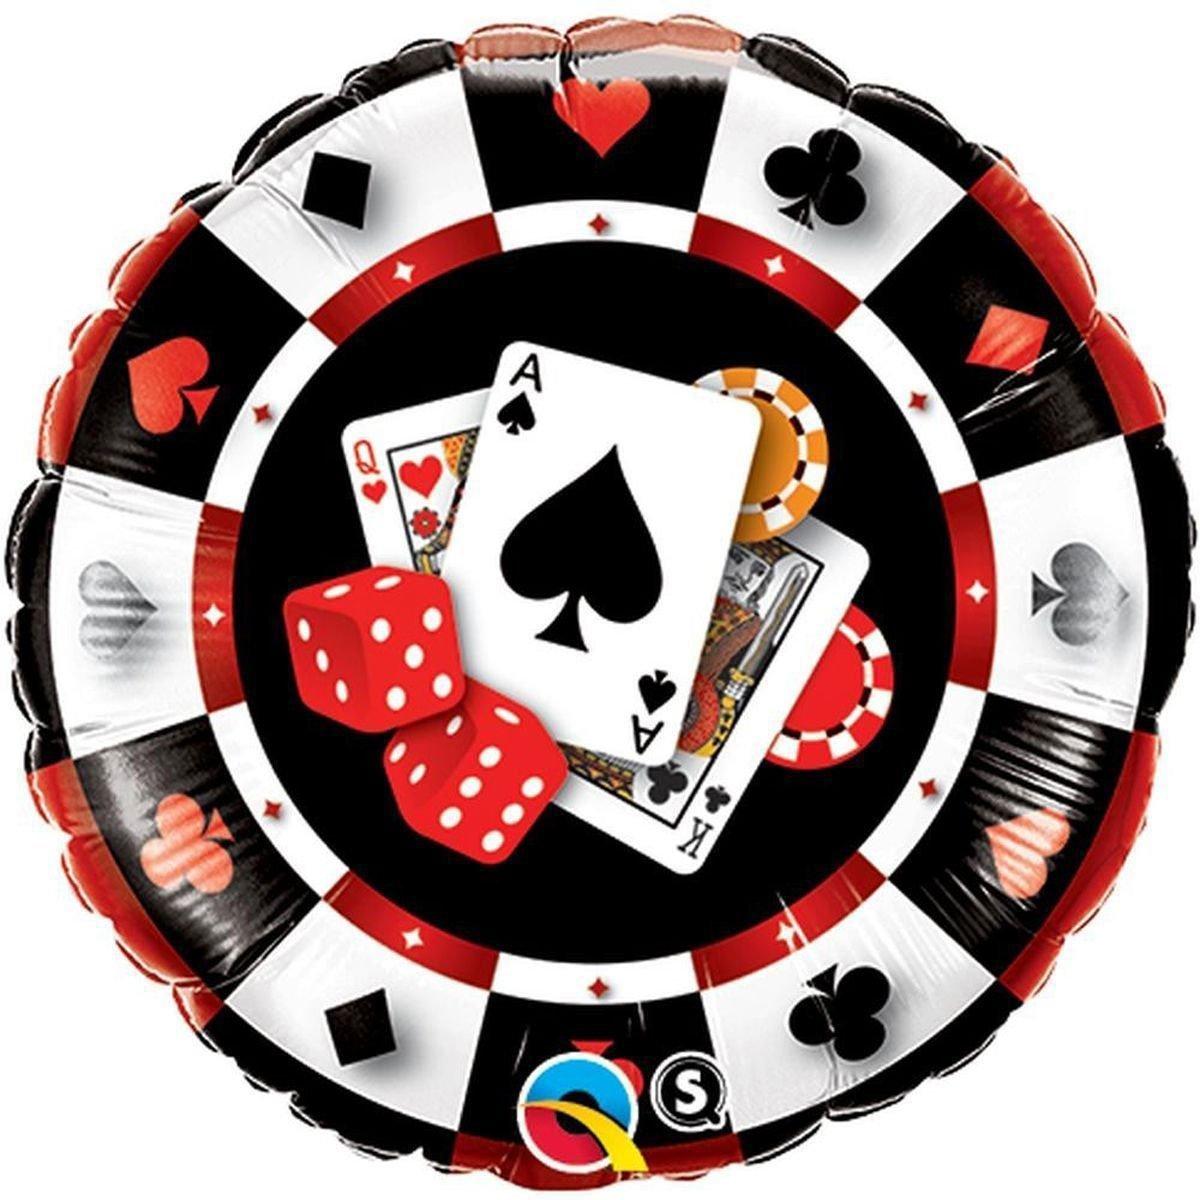 Картинка фишка покер